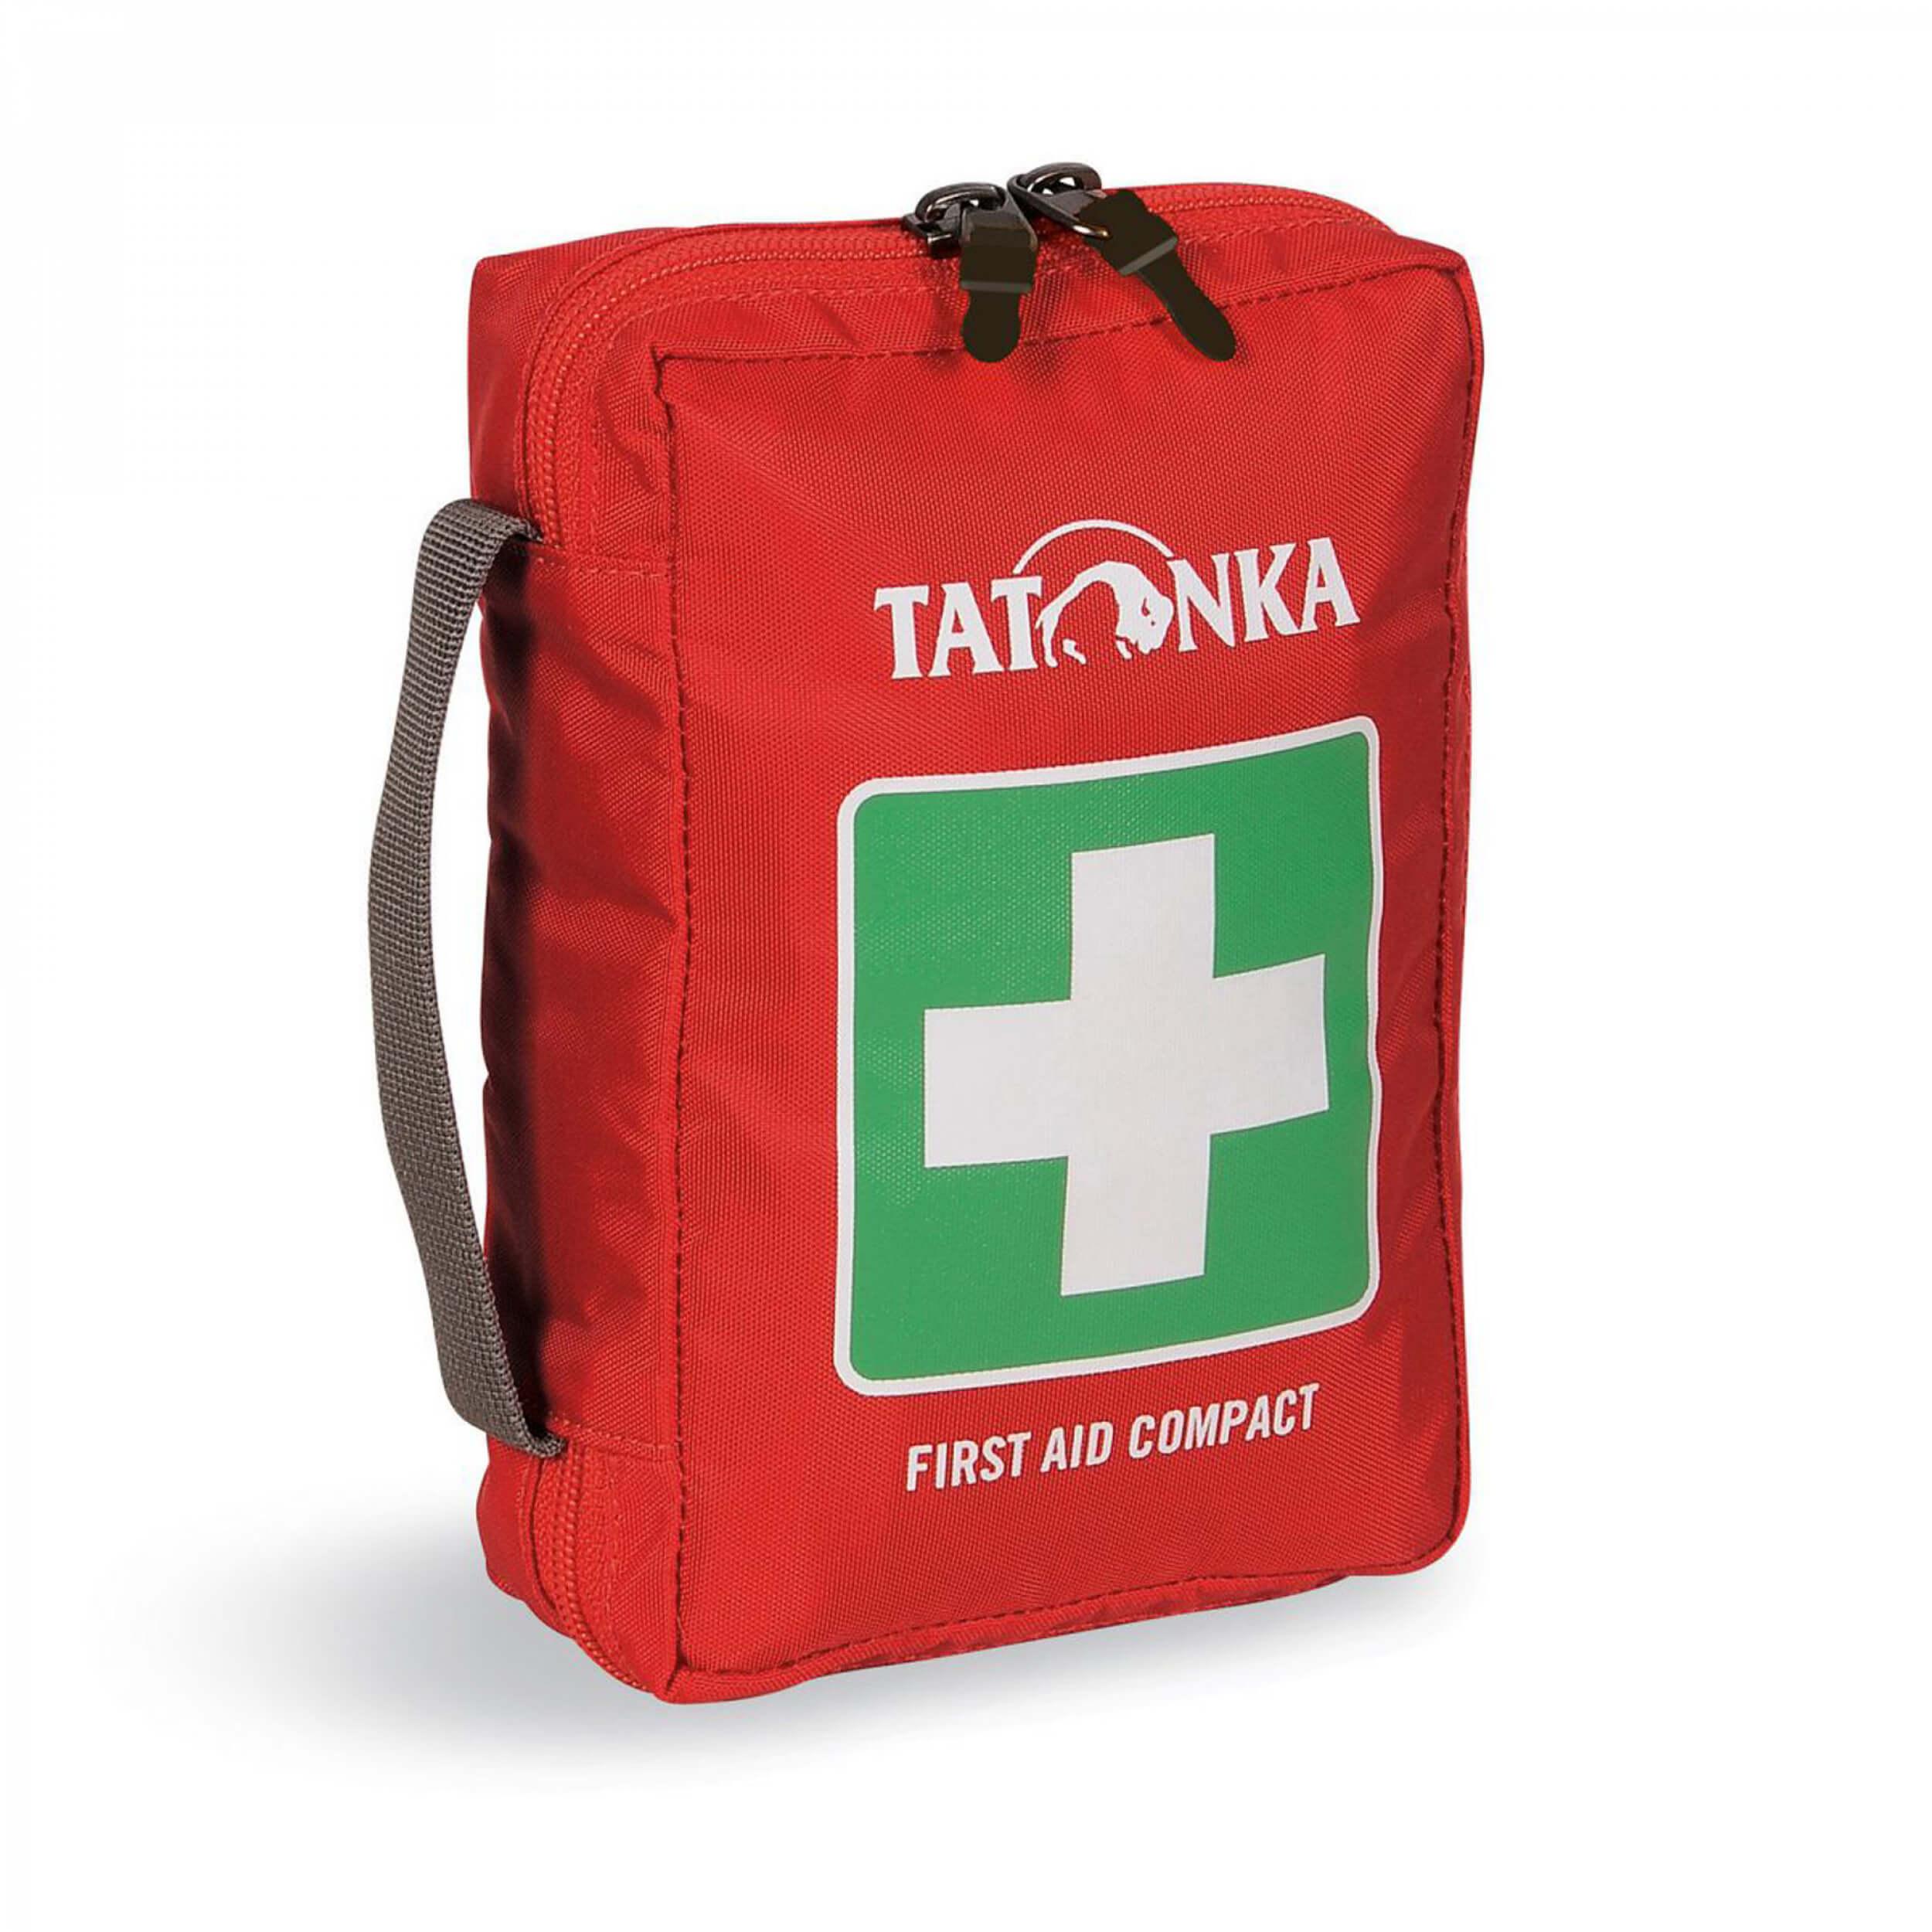 Tatonka First Aid Compact - Erste-Hilfe-Set red